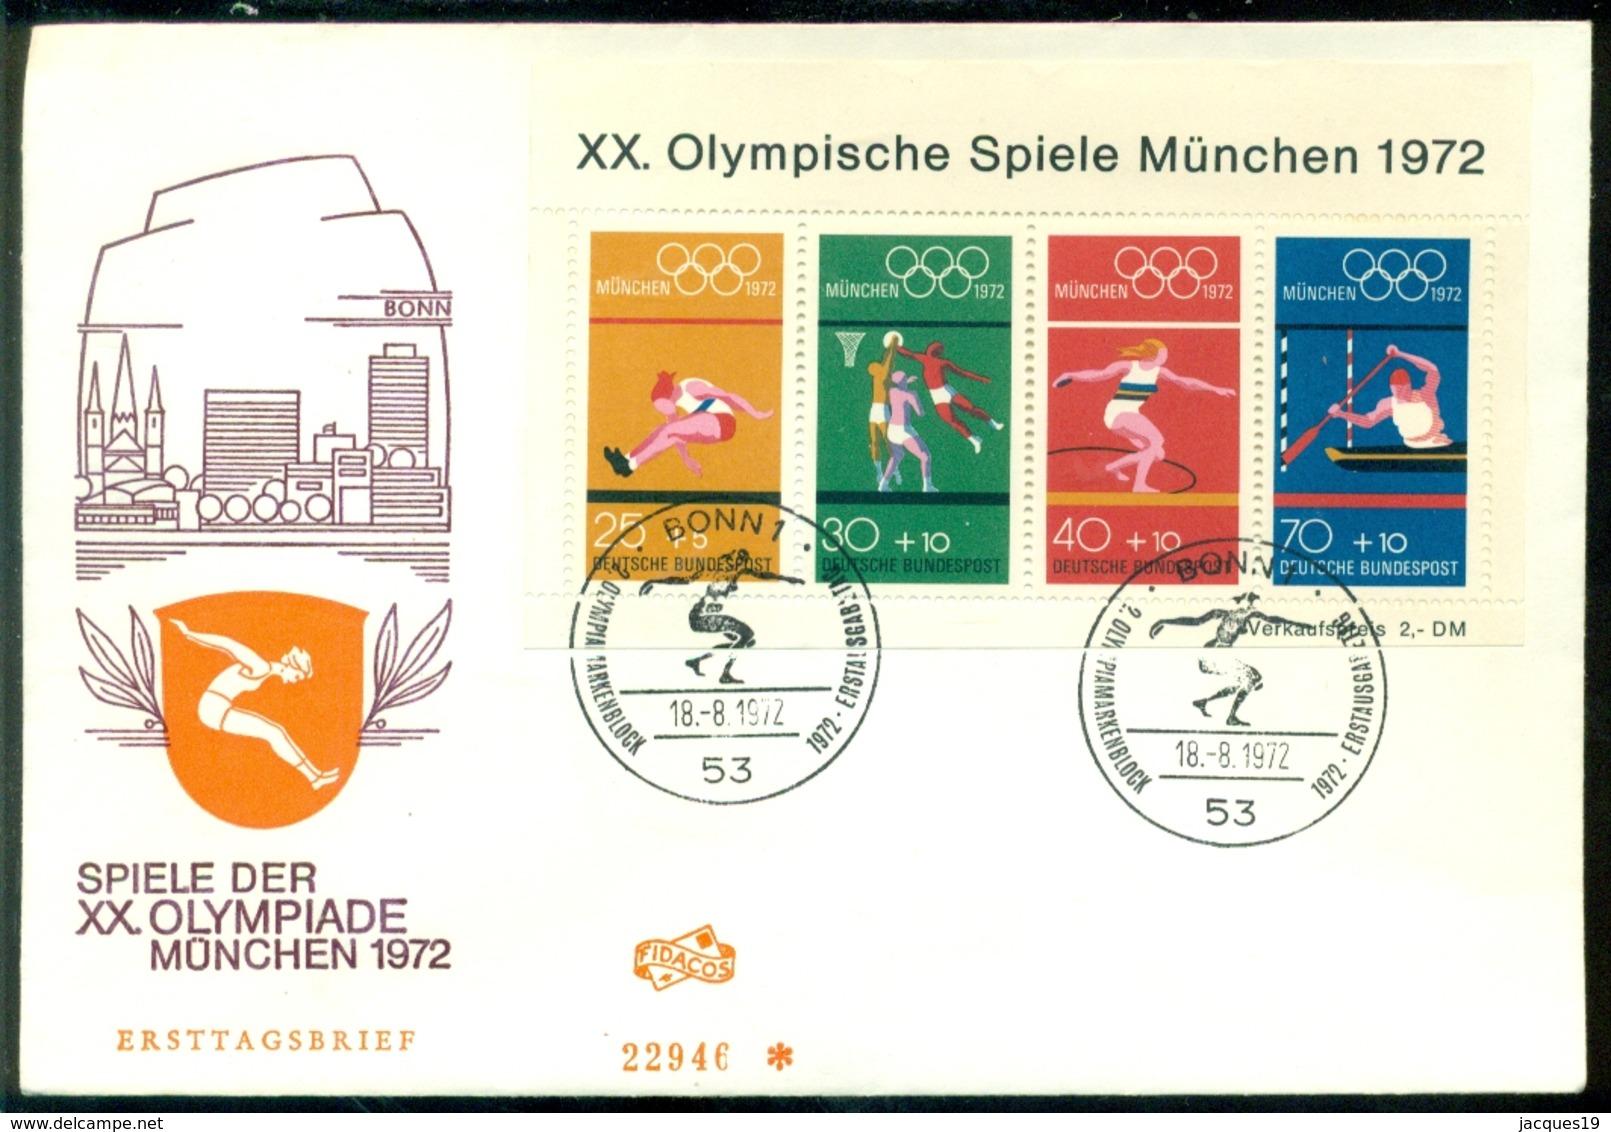 Deutschland 1972 FDC Olympische Spiele München Block Mi 8 - FDC: Sobres